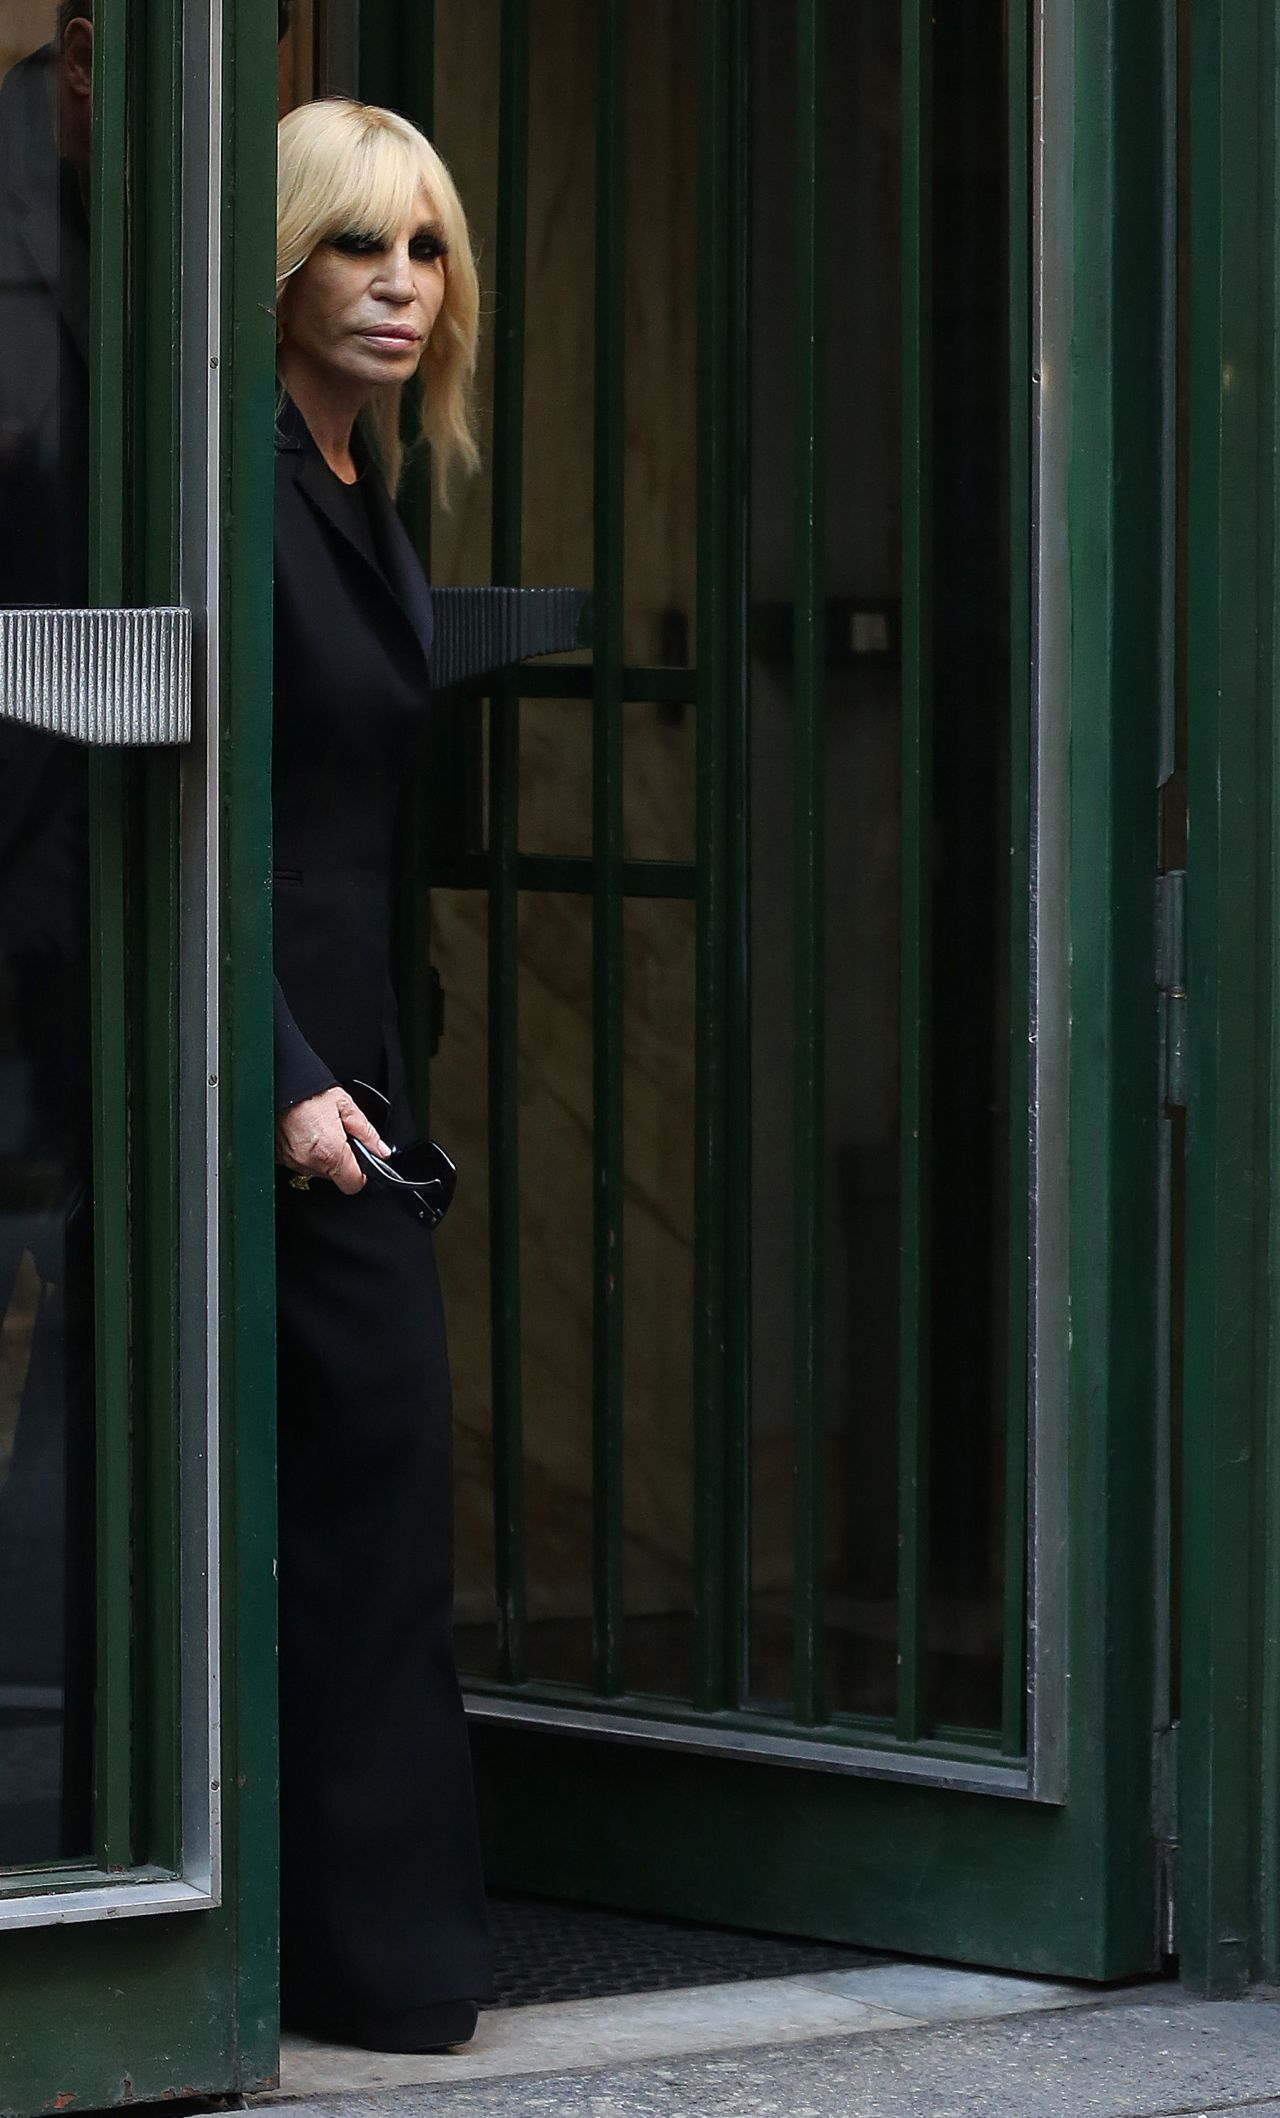 donatella versace leaves franca sozzanis home in milan